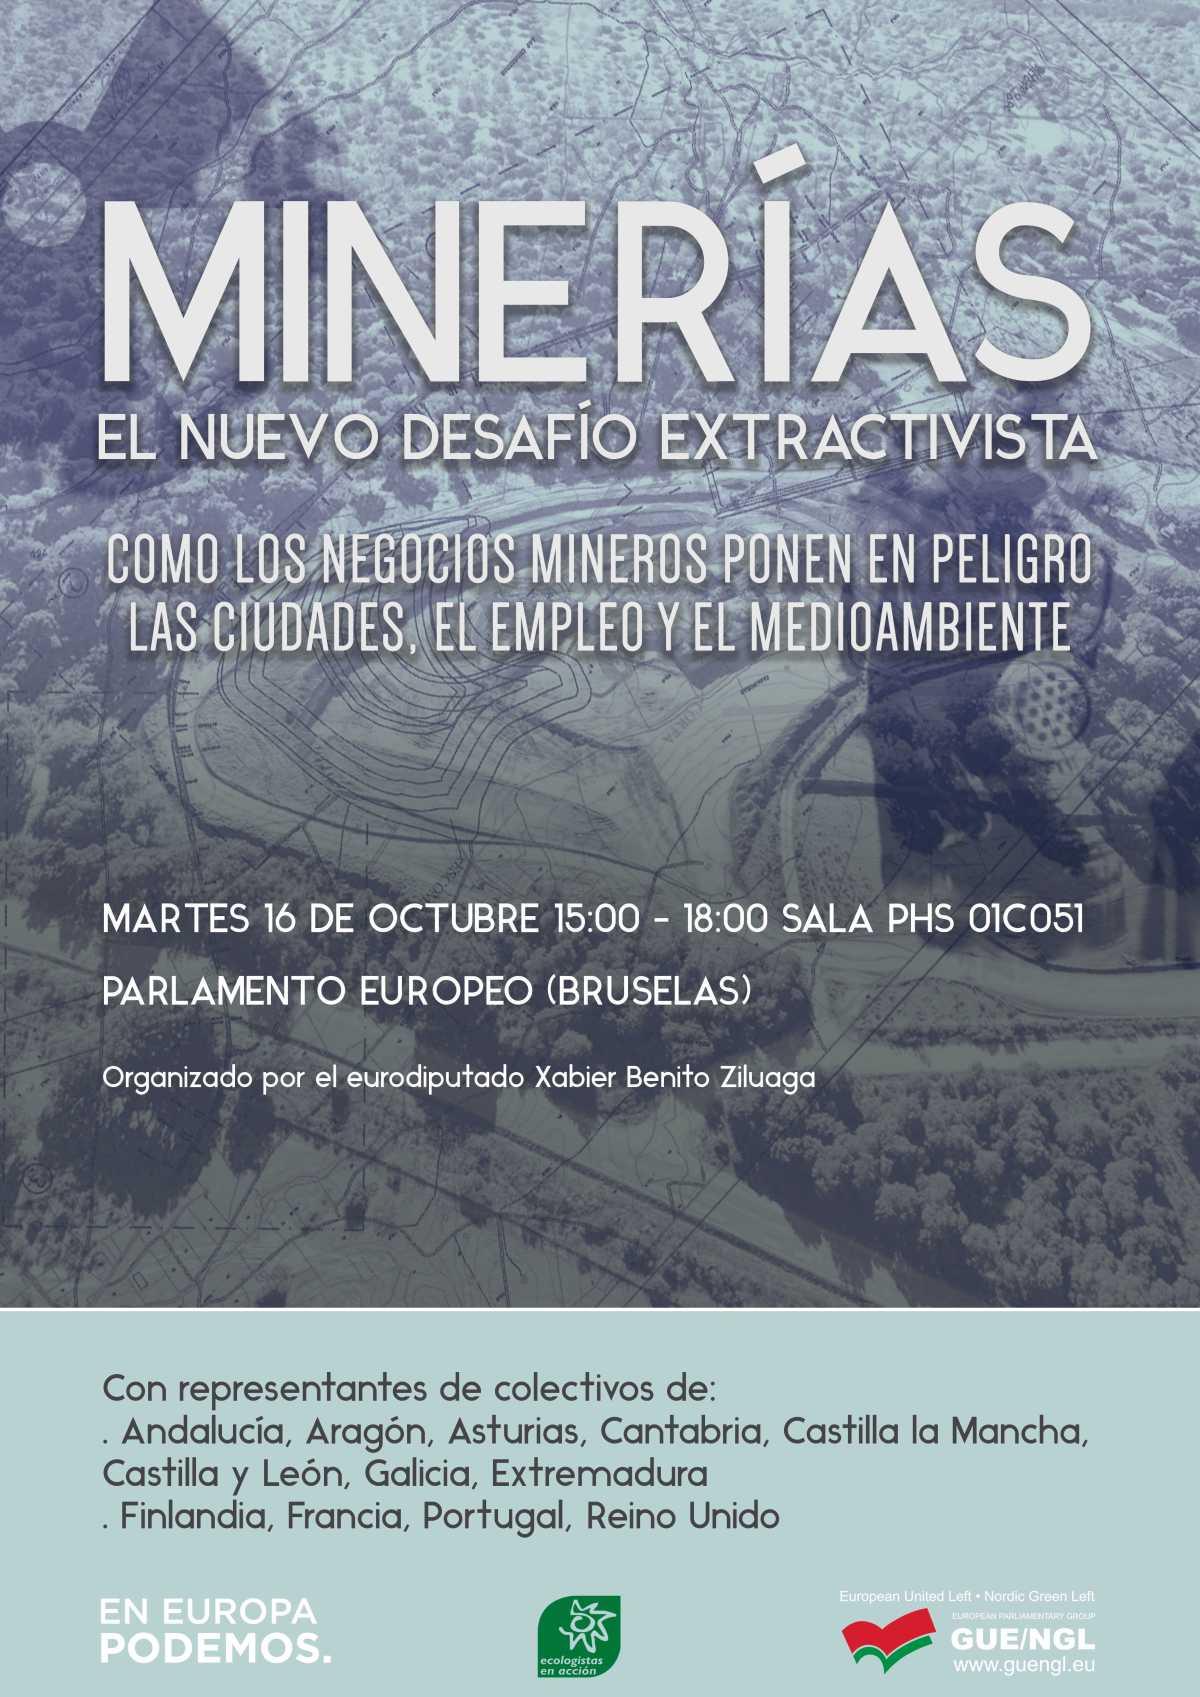 mineria 2 .jpg